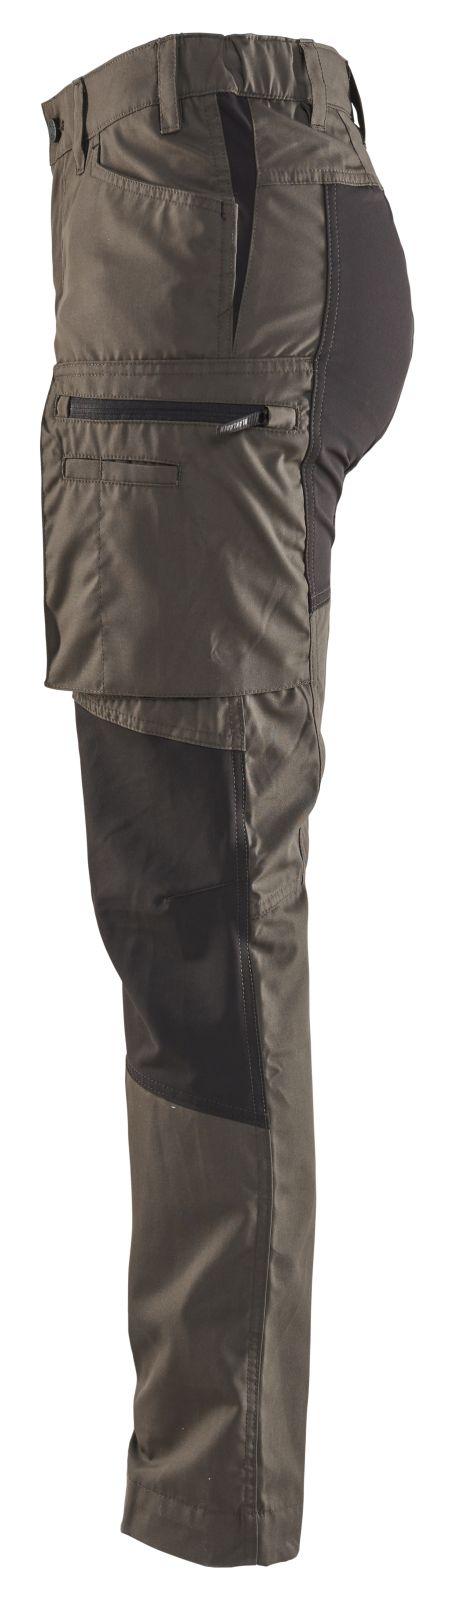 Blaklader Dames werkbroeken 71591845 groen-zwart(4599)